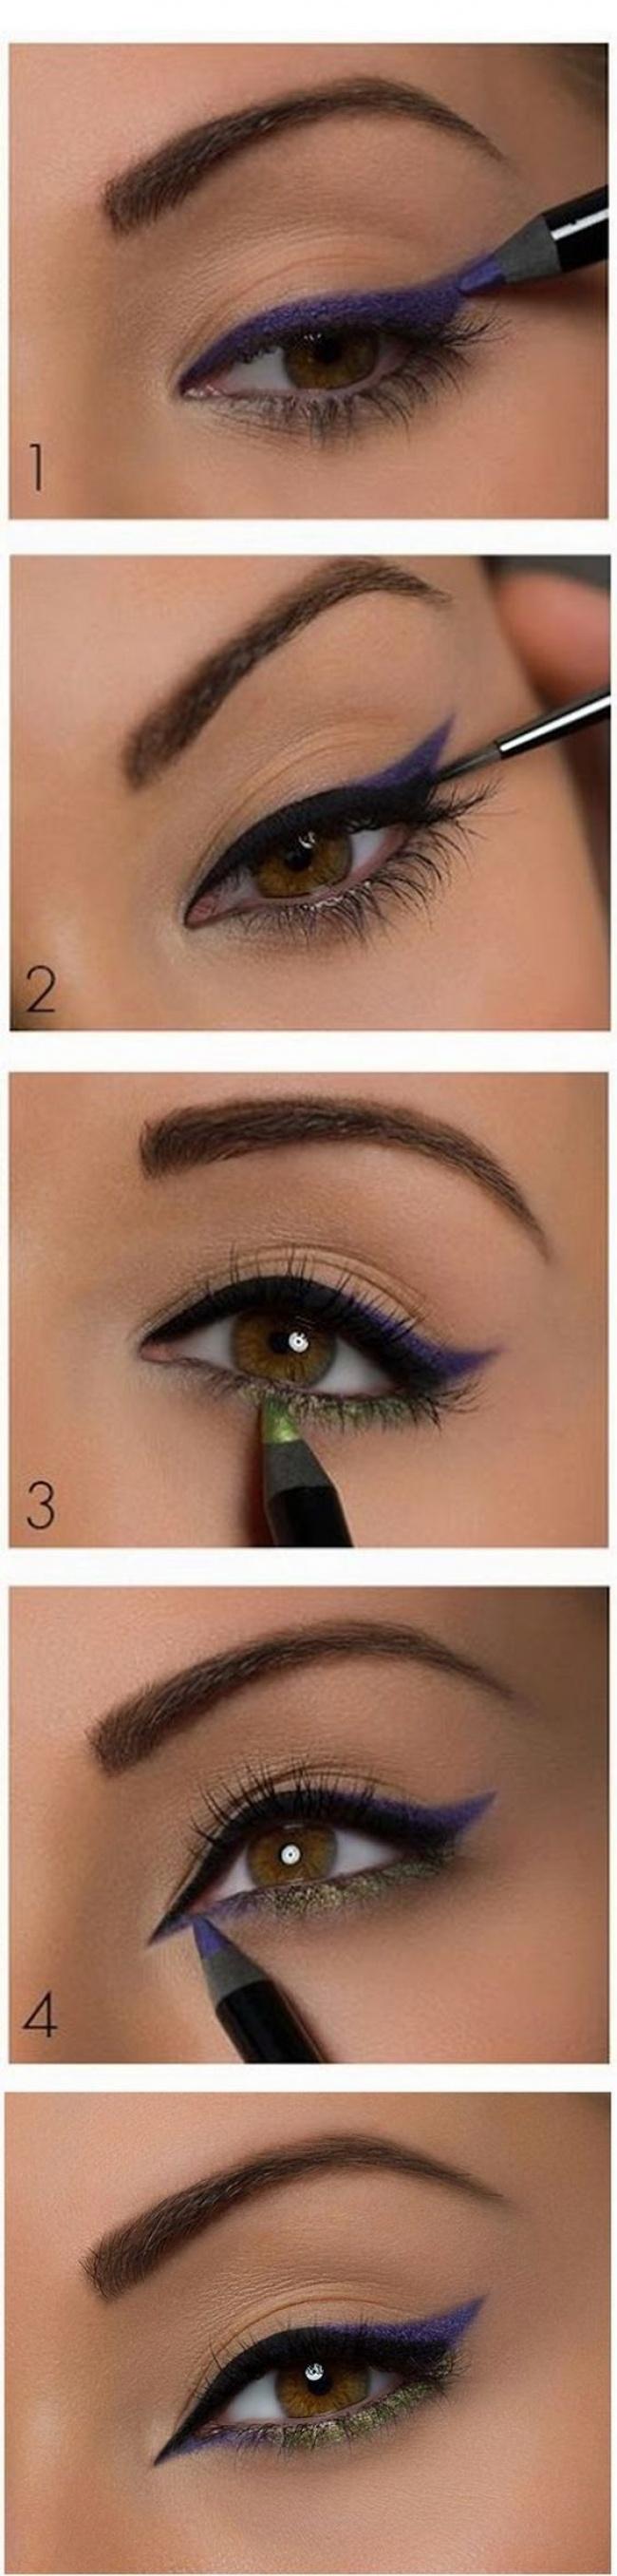 Как правильно и ровно рисовать стрелки на глазах: пошаговое 57